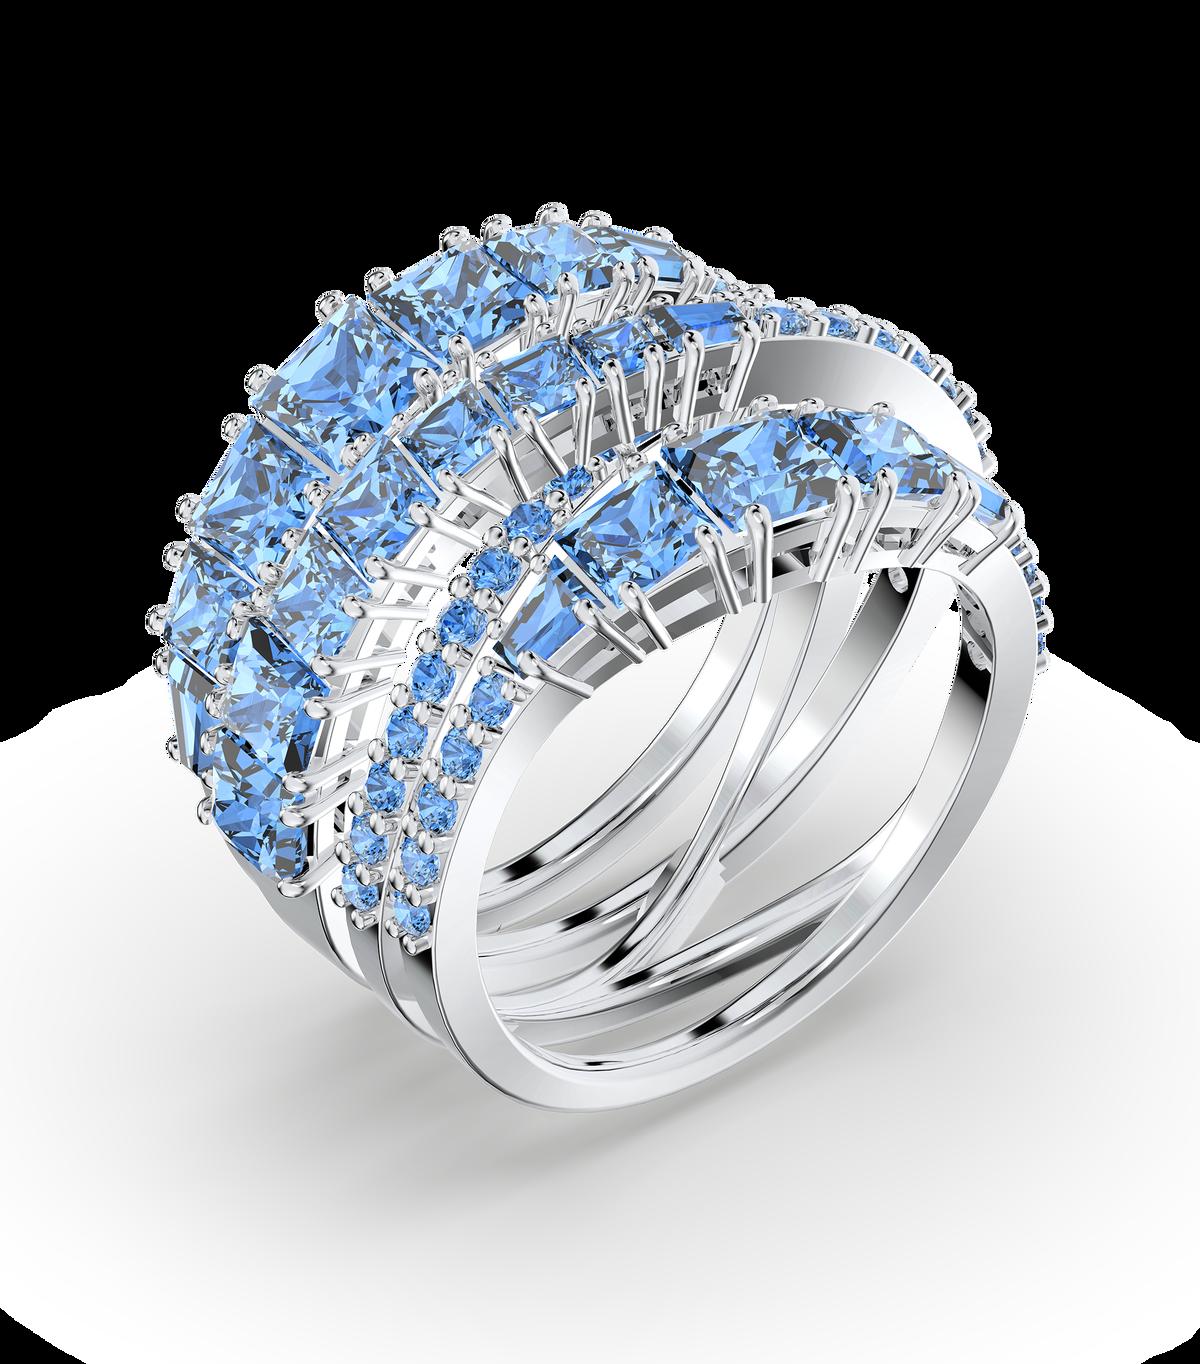 خاتم Twist ملفوف، لون أزرق، طلاء روديوم